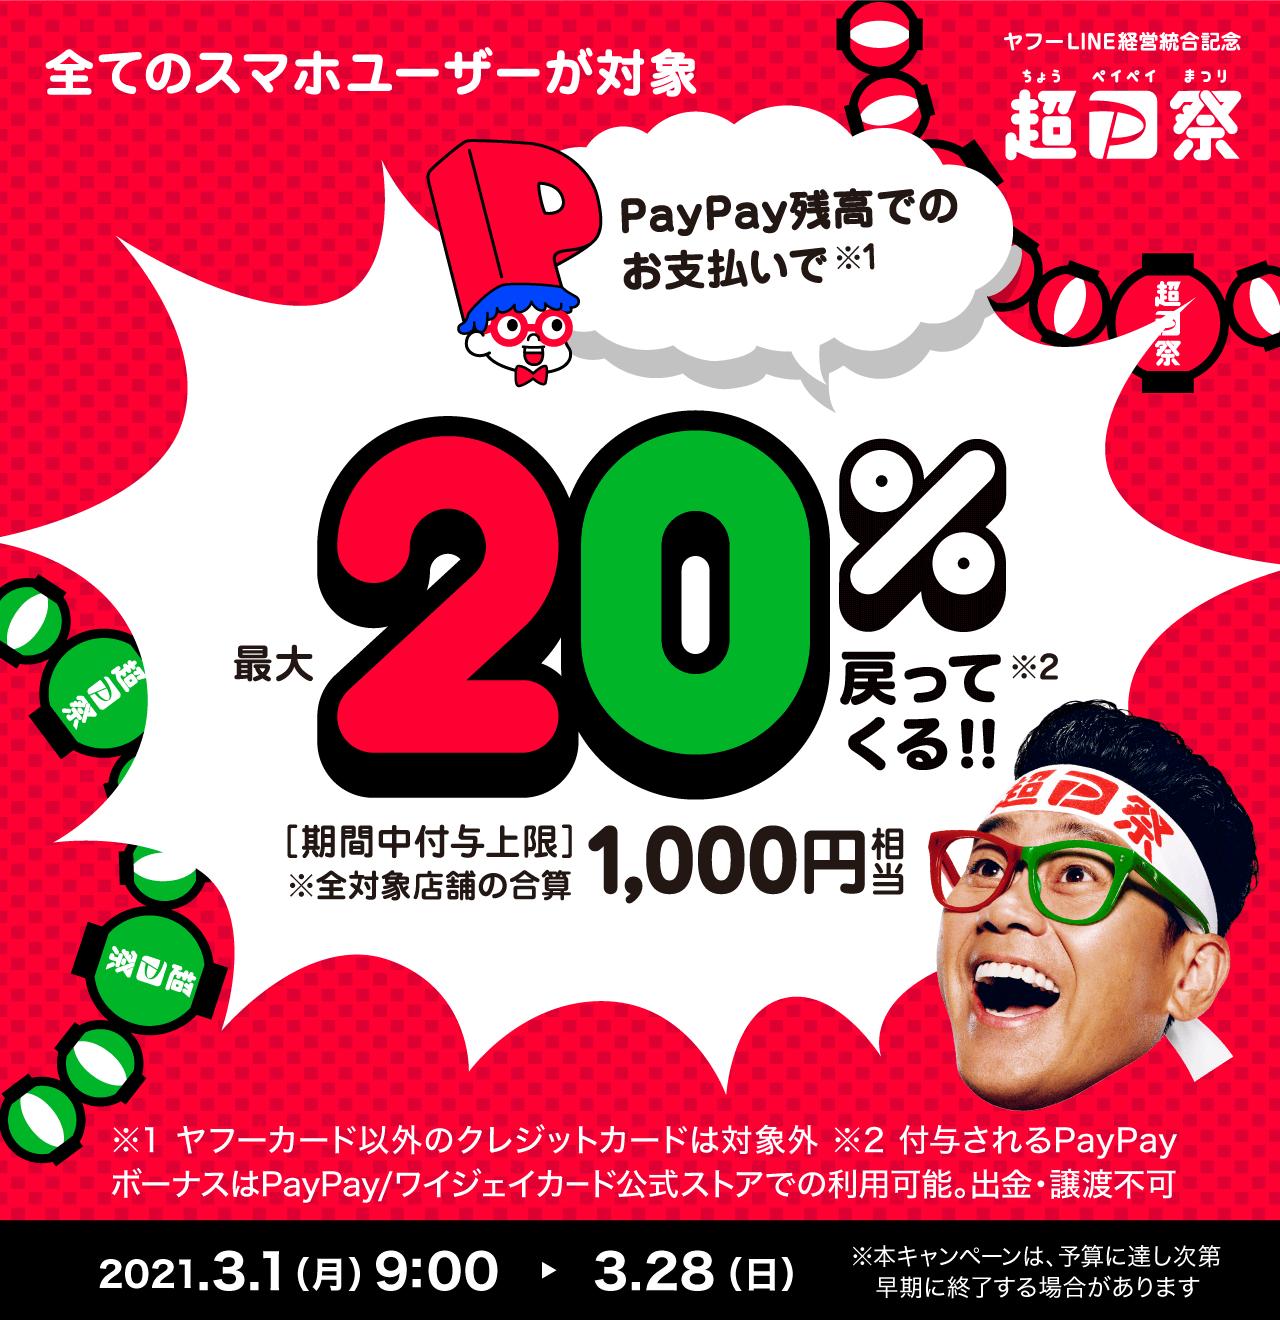 PayPay残高でのお支払いで最大20%戻ってくる!!